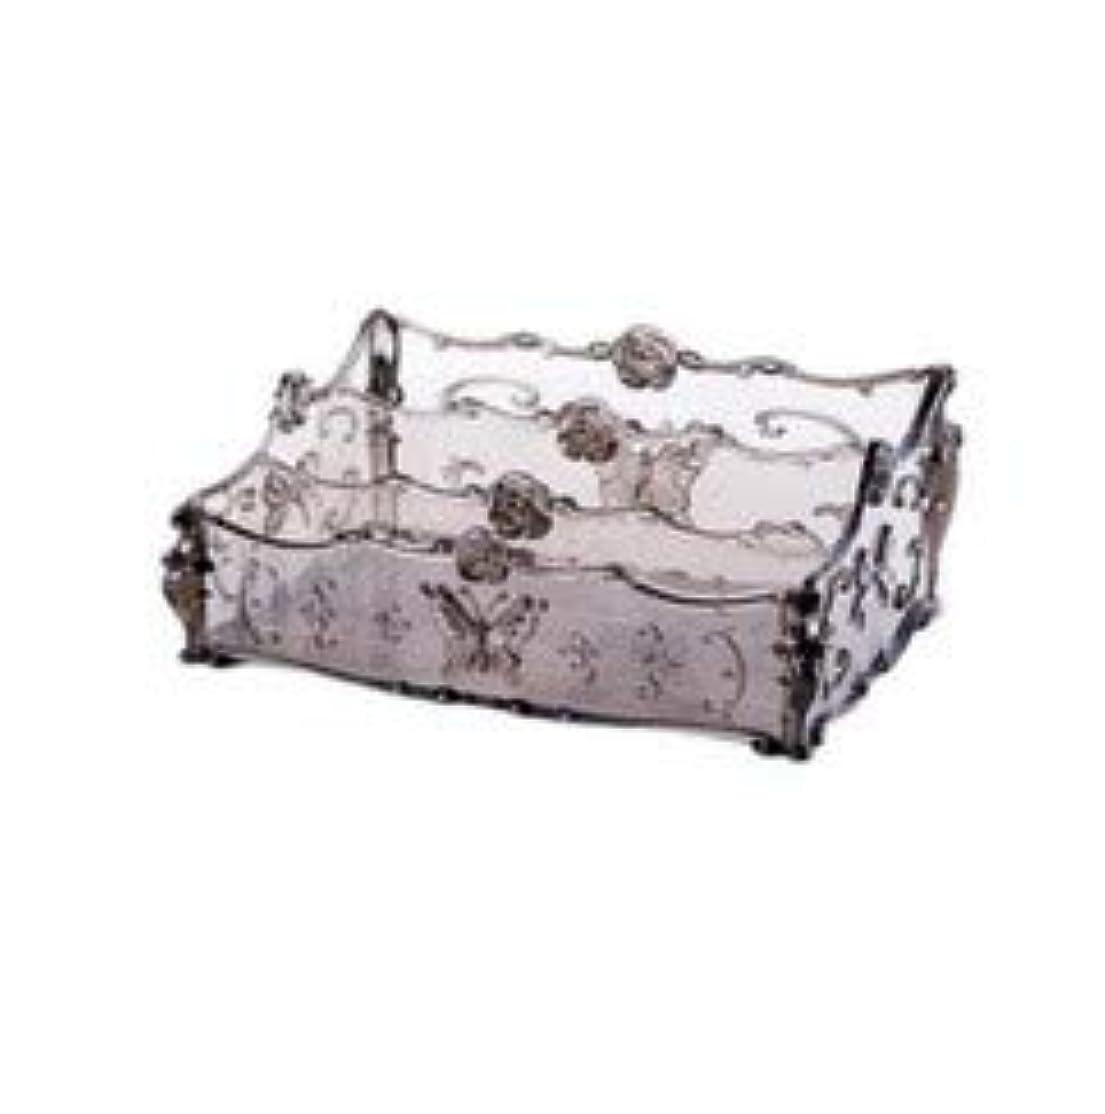 学生割り当て普通にフラワー彫刻デスクトップ化粧品収納ボックス化粧台透明ラック家庭用プラスチックマルチカラースキンケア製品仕上げボックス (Color : Transparent gray)